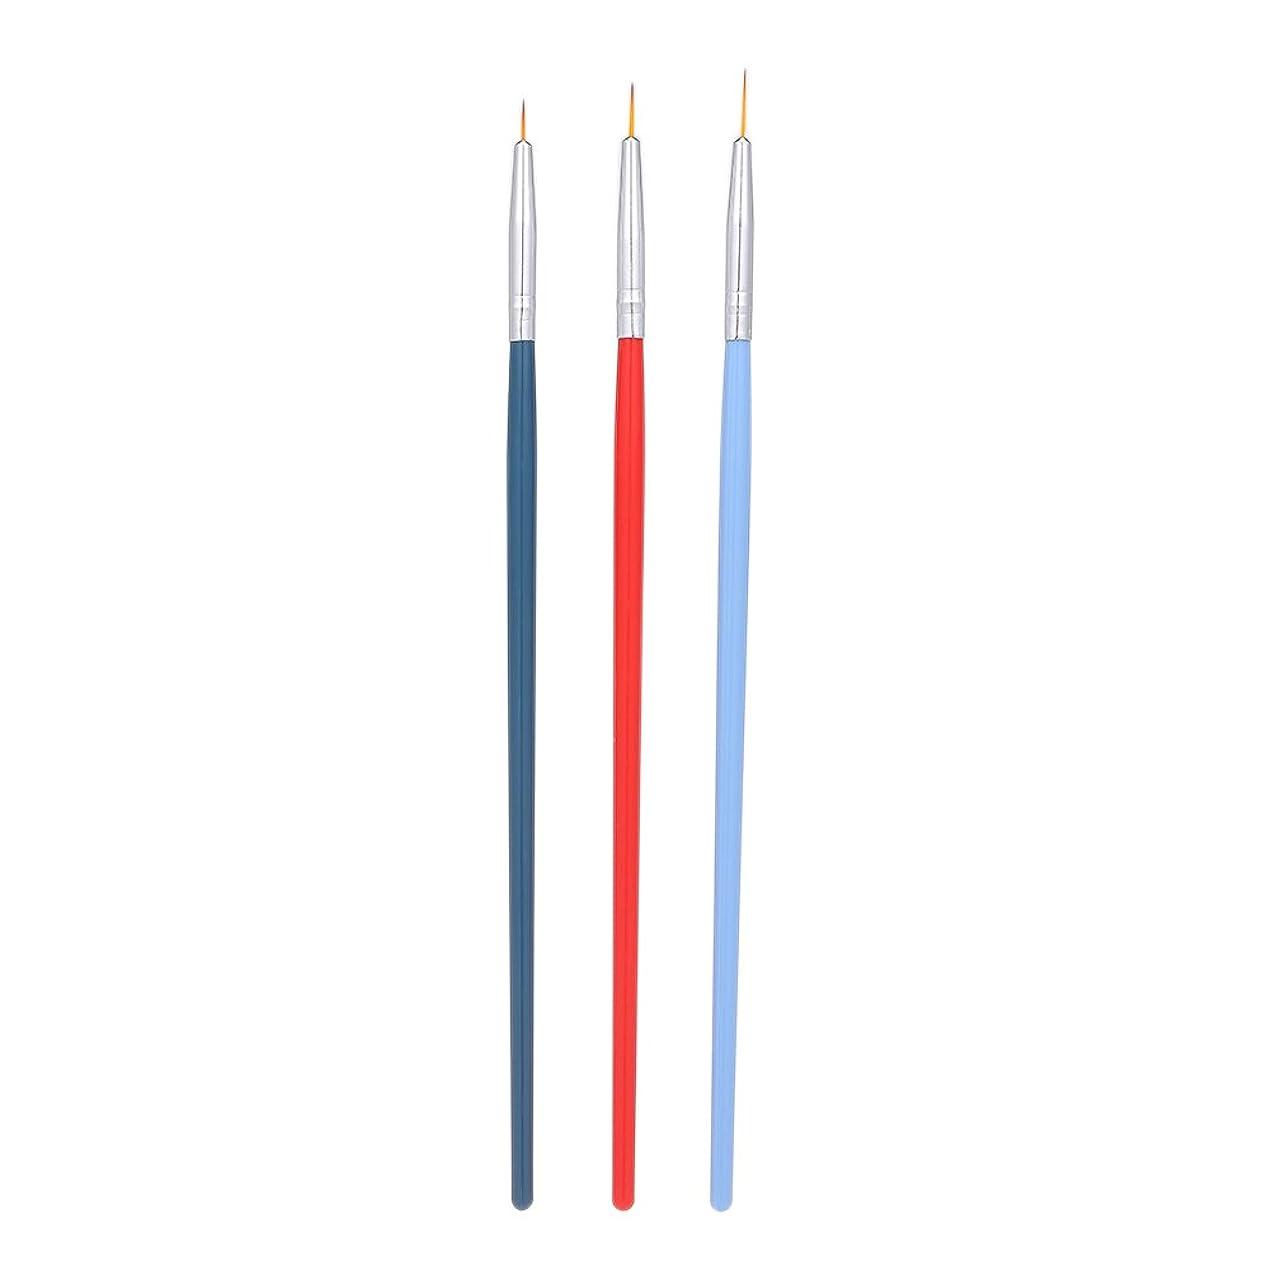 心のこもったスカリー小道具Decdeal 3本 ネイルアートライナーブラシ ネイルブラシ ペン UVジェル塗装 セット マニキュア ネイルツール プラスチックハンドル